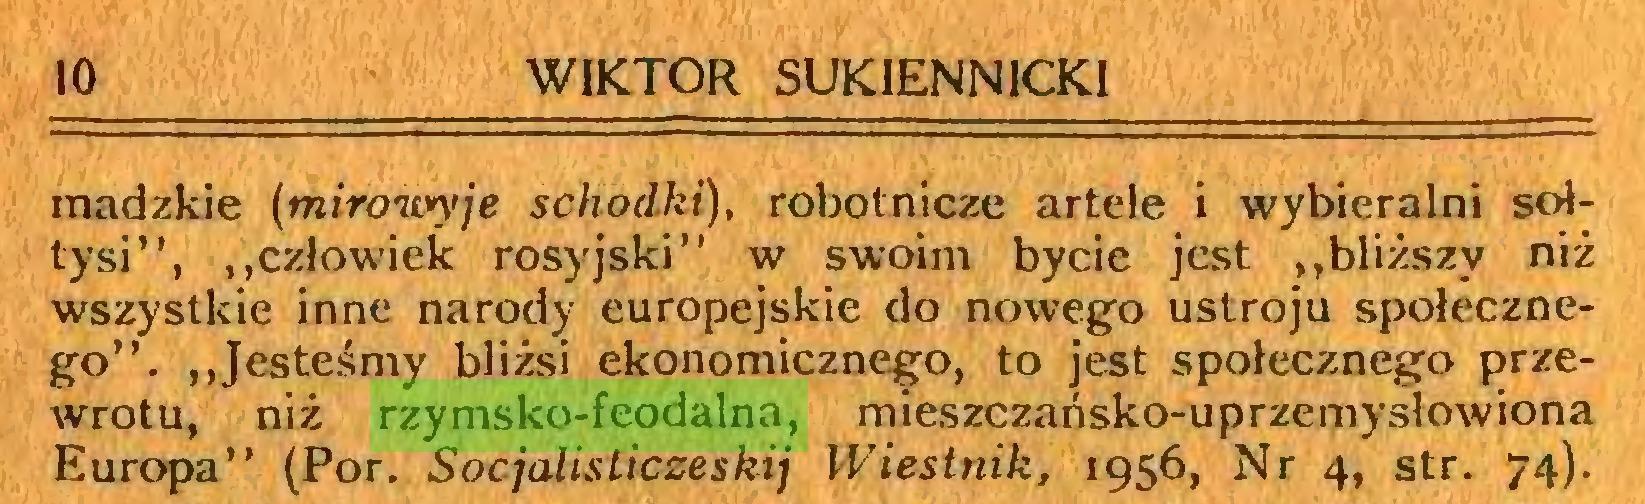 """(...) 10 WIKTOR SUKIENN1CKI madzkie (mirowyje schodki), robotnicze artele i wybieralni sołtysi"""", """"człowiek rosyjski"""" w swoim bycie jest ,,bliższy niż wszystkie inne narody europejskie do nowego ustroju społecznego"""". ,,Jesteśmy bliżsi ekonomicznego, to jest społecznego przewrotu, niż rzymsko-feodalna, mieszczańsko-uprzemysłowiona Europa"""" (Por. Socjalisticzeskij Wiestnik, 1956, Nr 4, str. 74)..."""